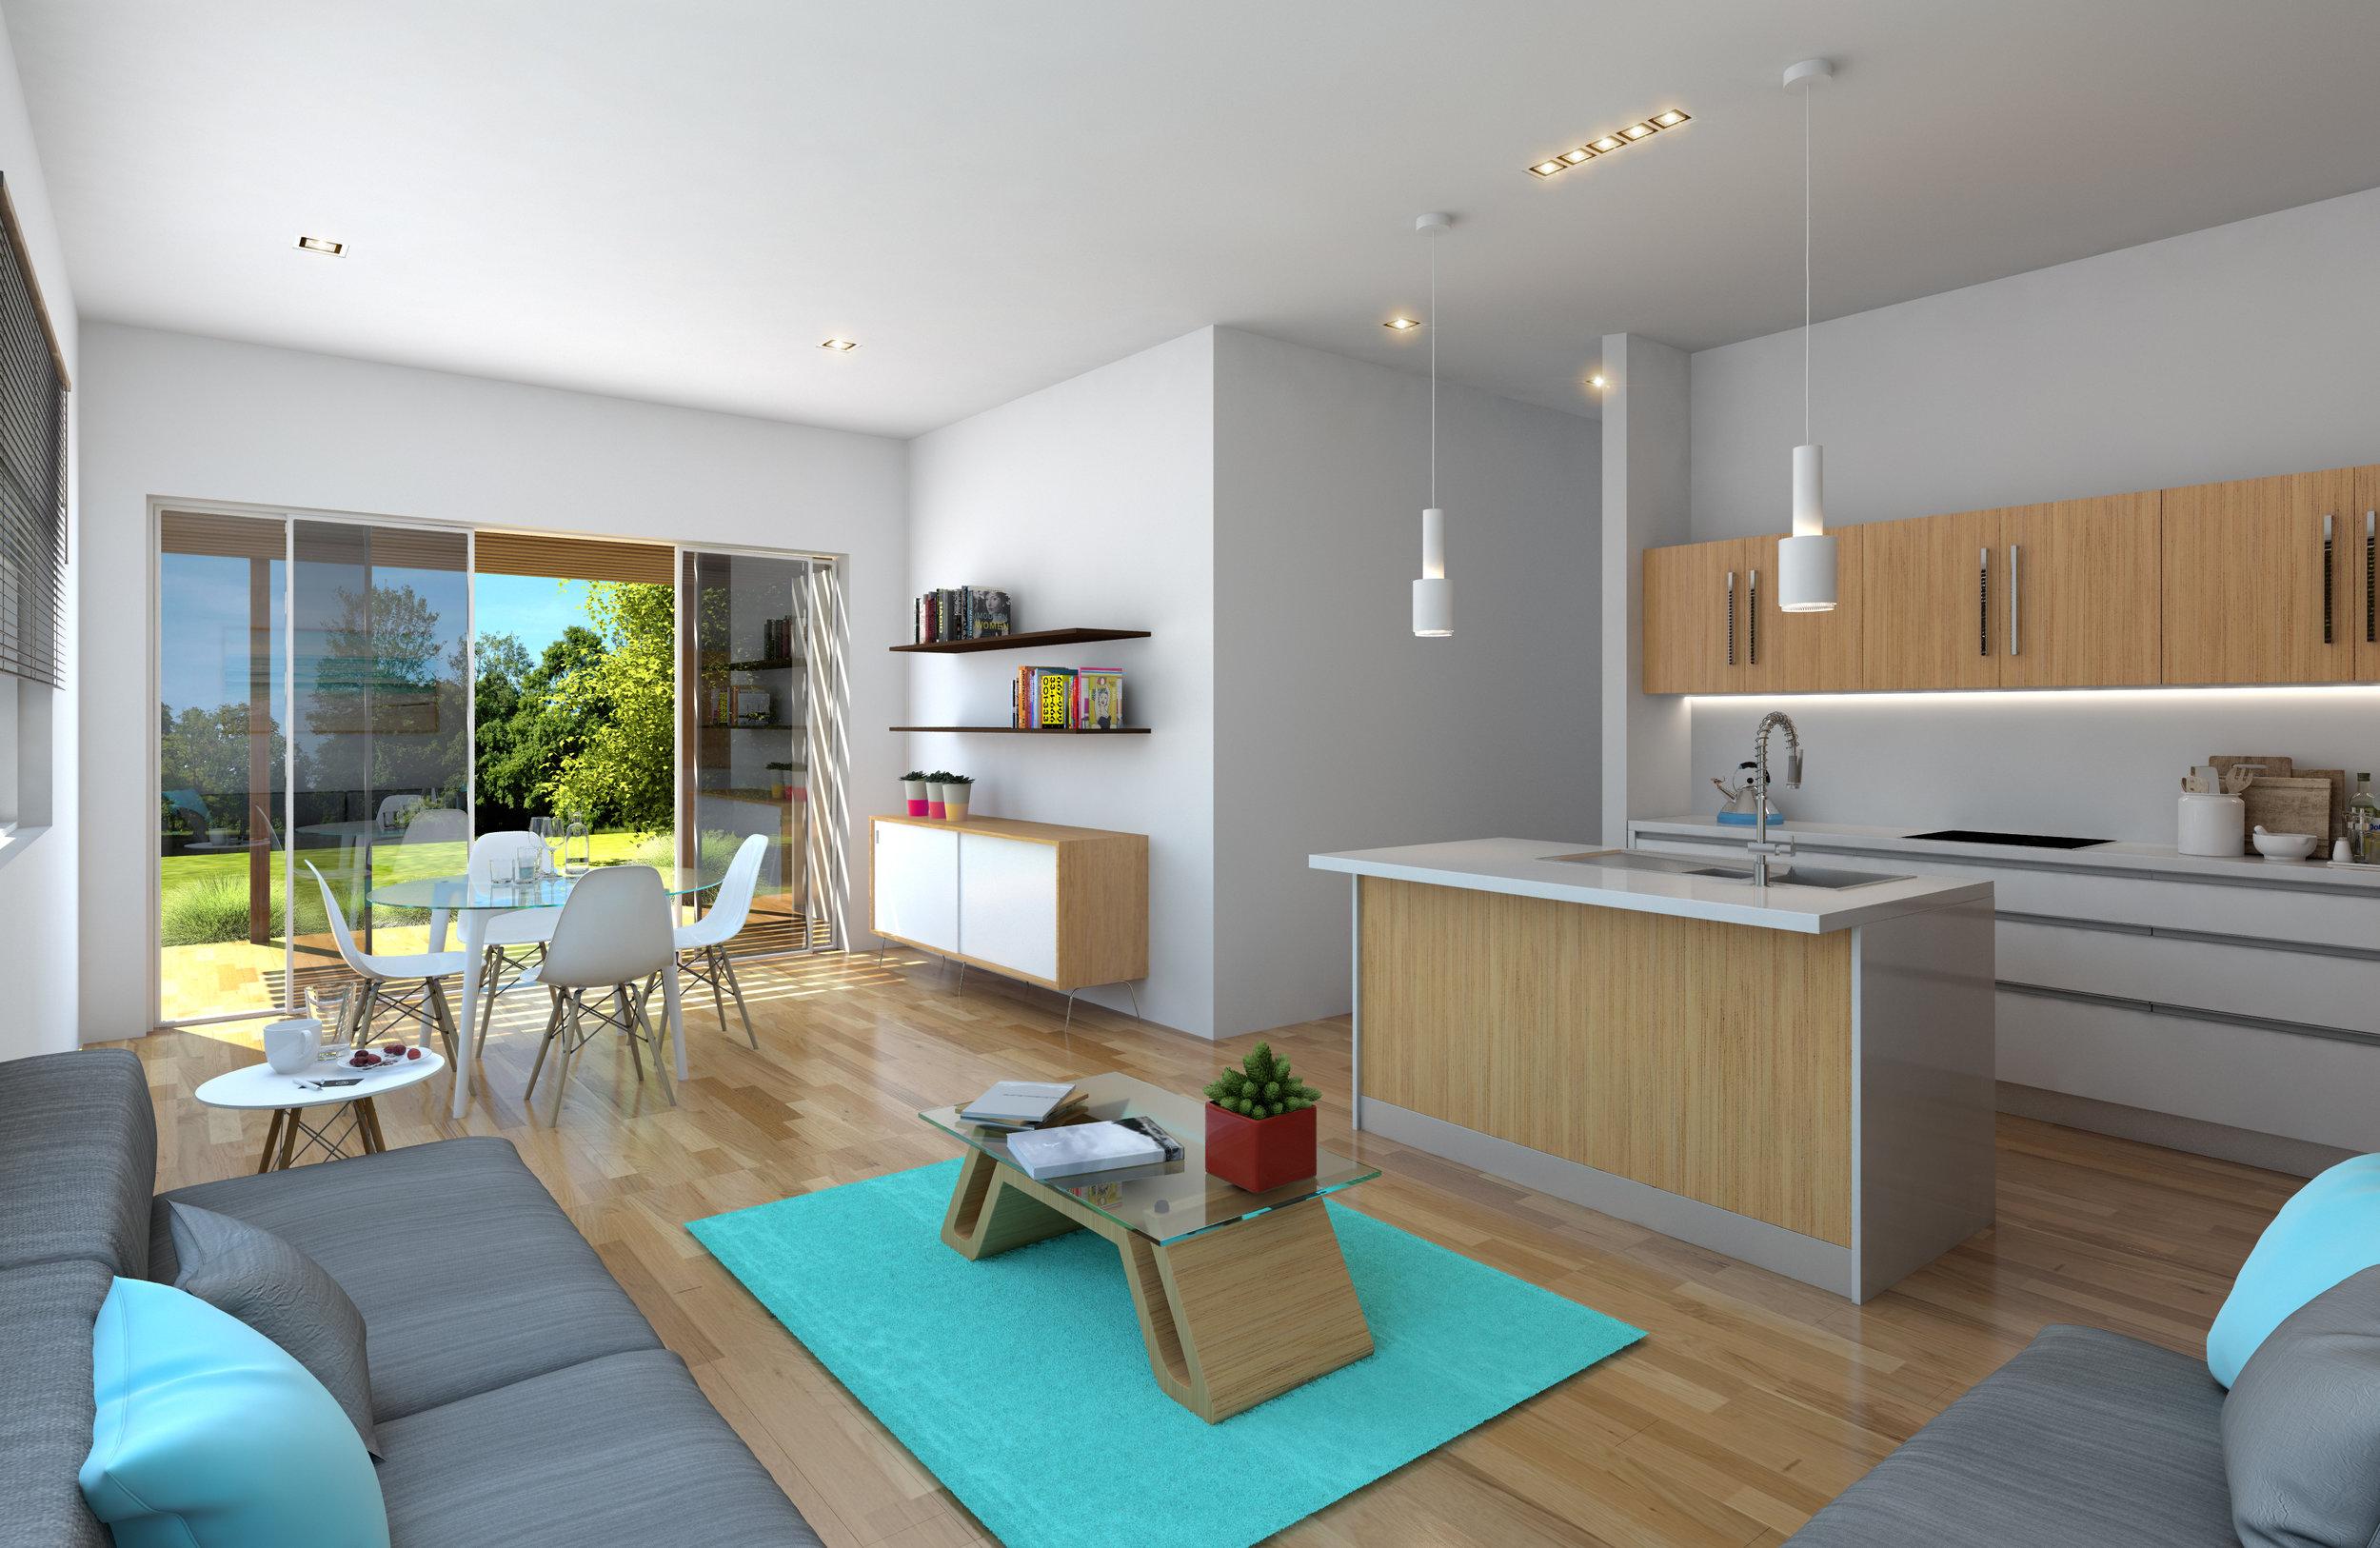 kitchen_hd (2).jpg